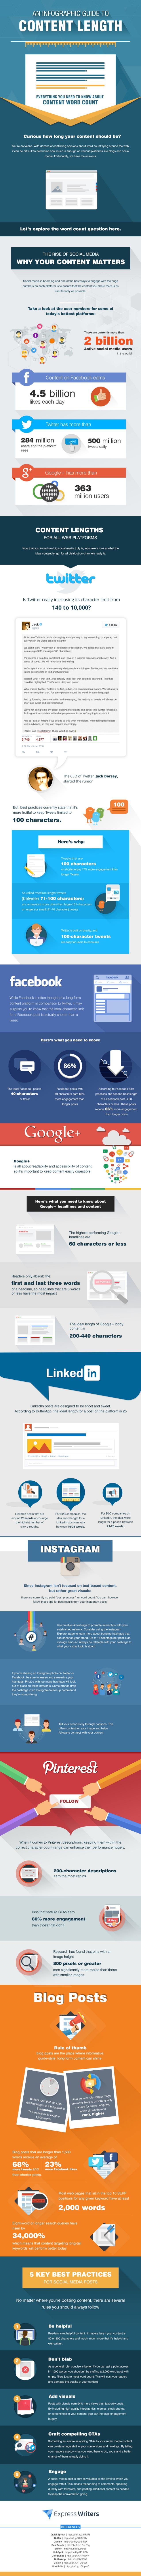 Publicaciones en Redes Sociales: la longitud adecuada